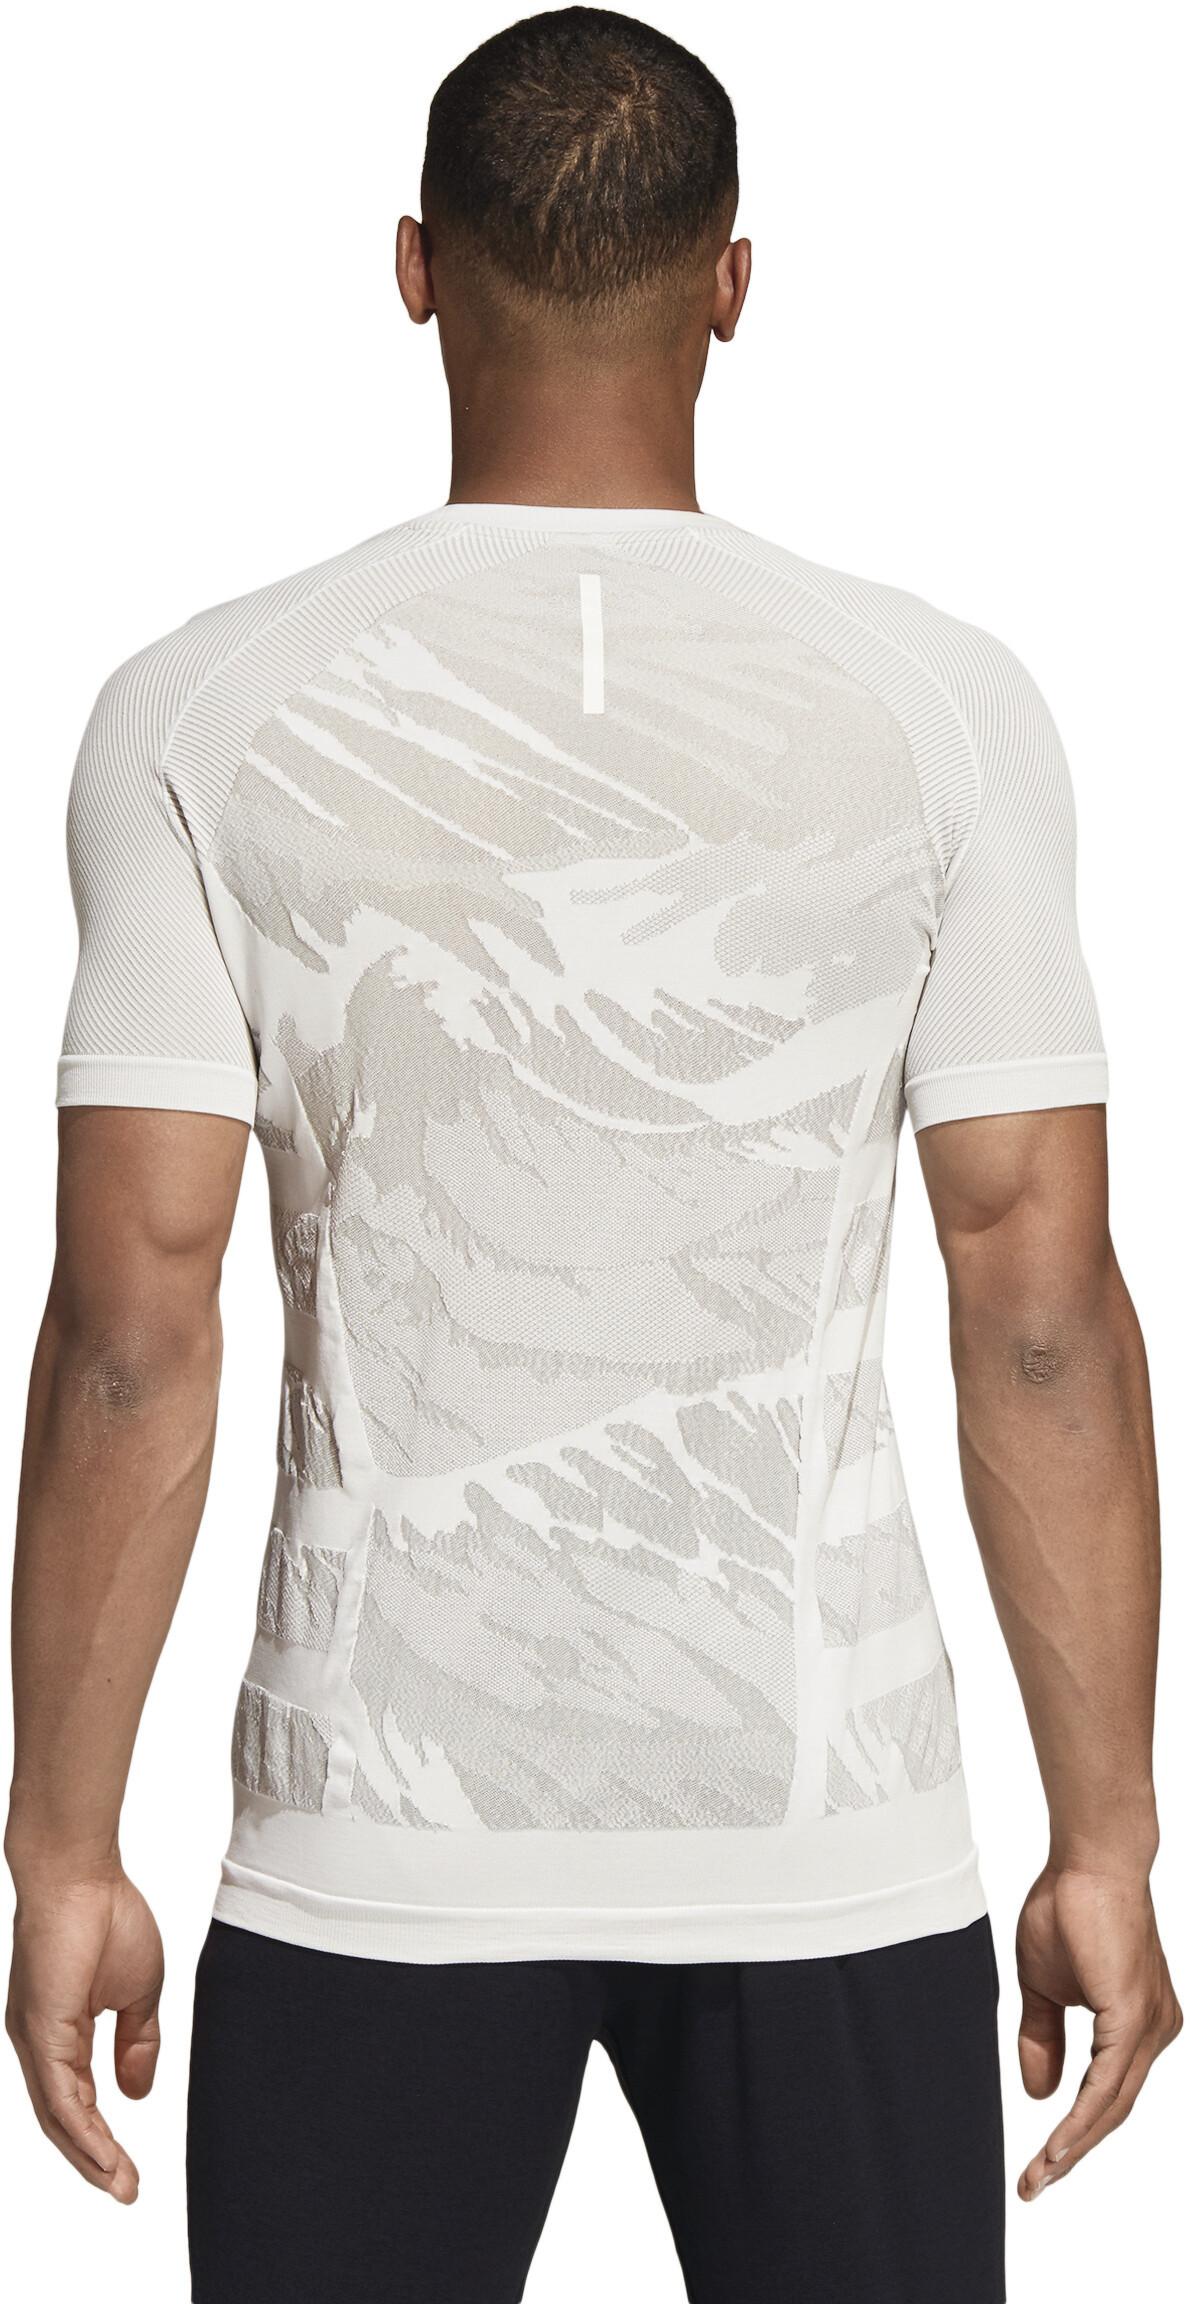 buy popular e9e05 d15a9 adidas Ultra Primeknit Parley Running Shirt longsleeve Men white